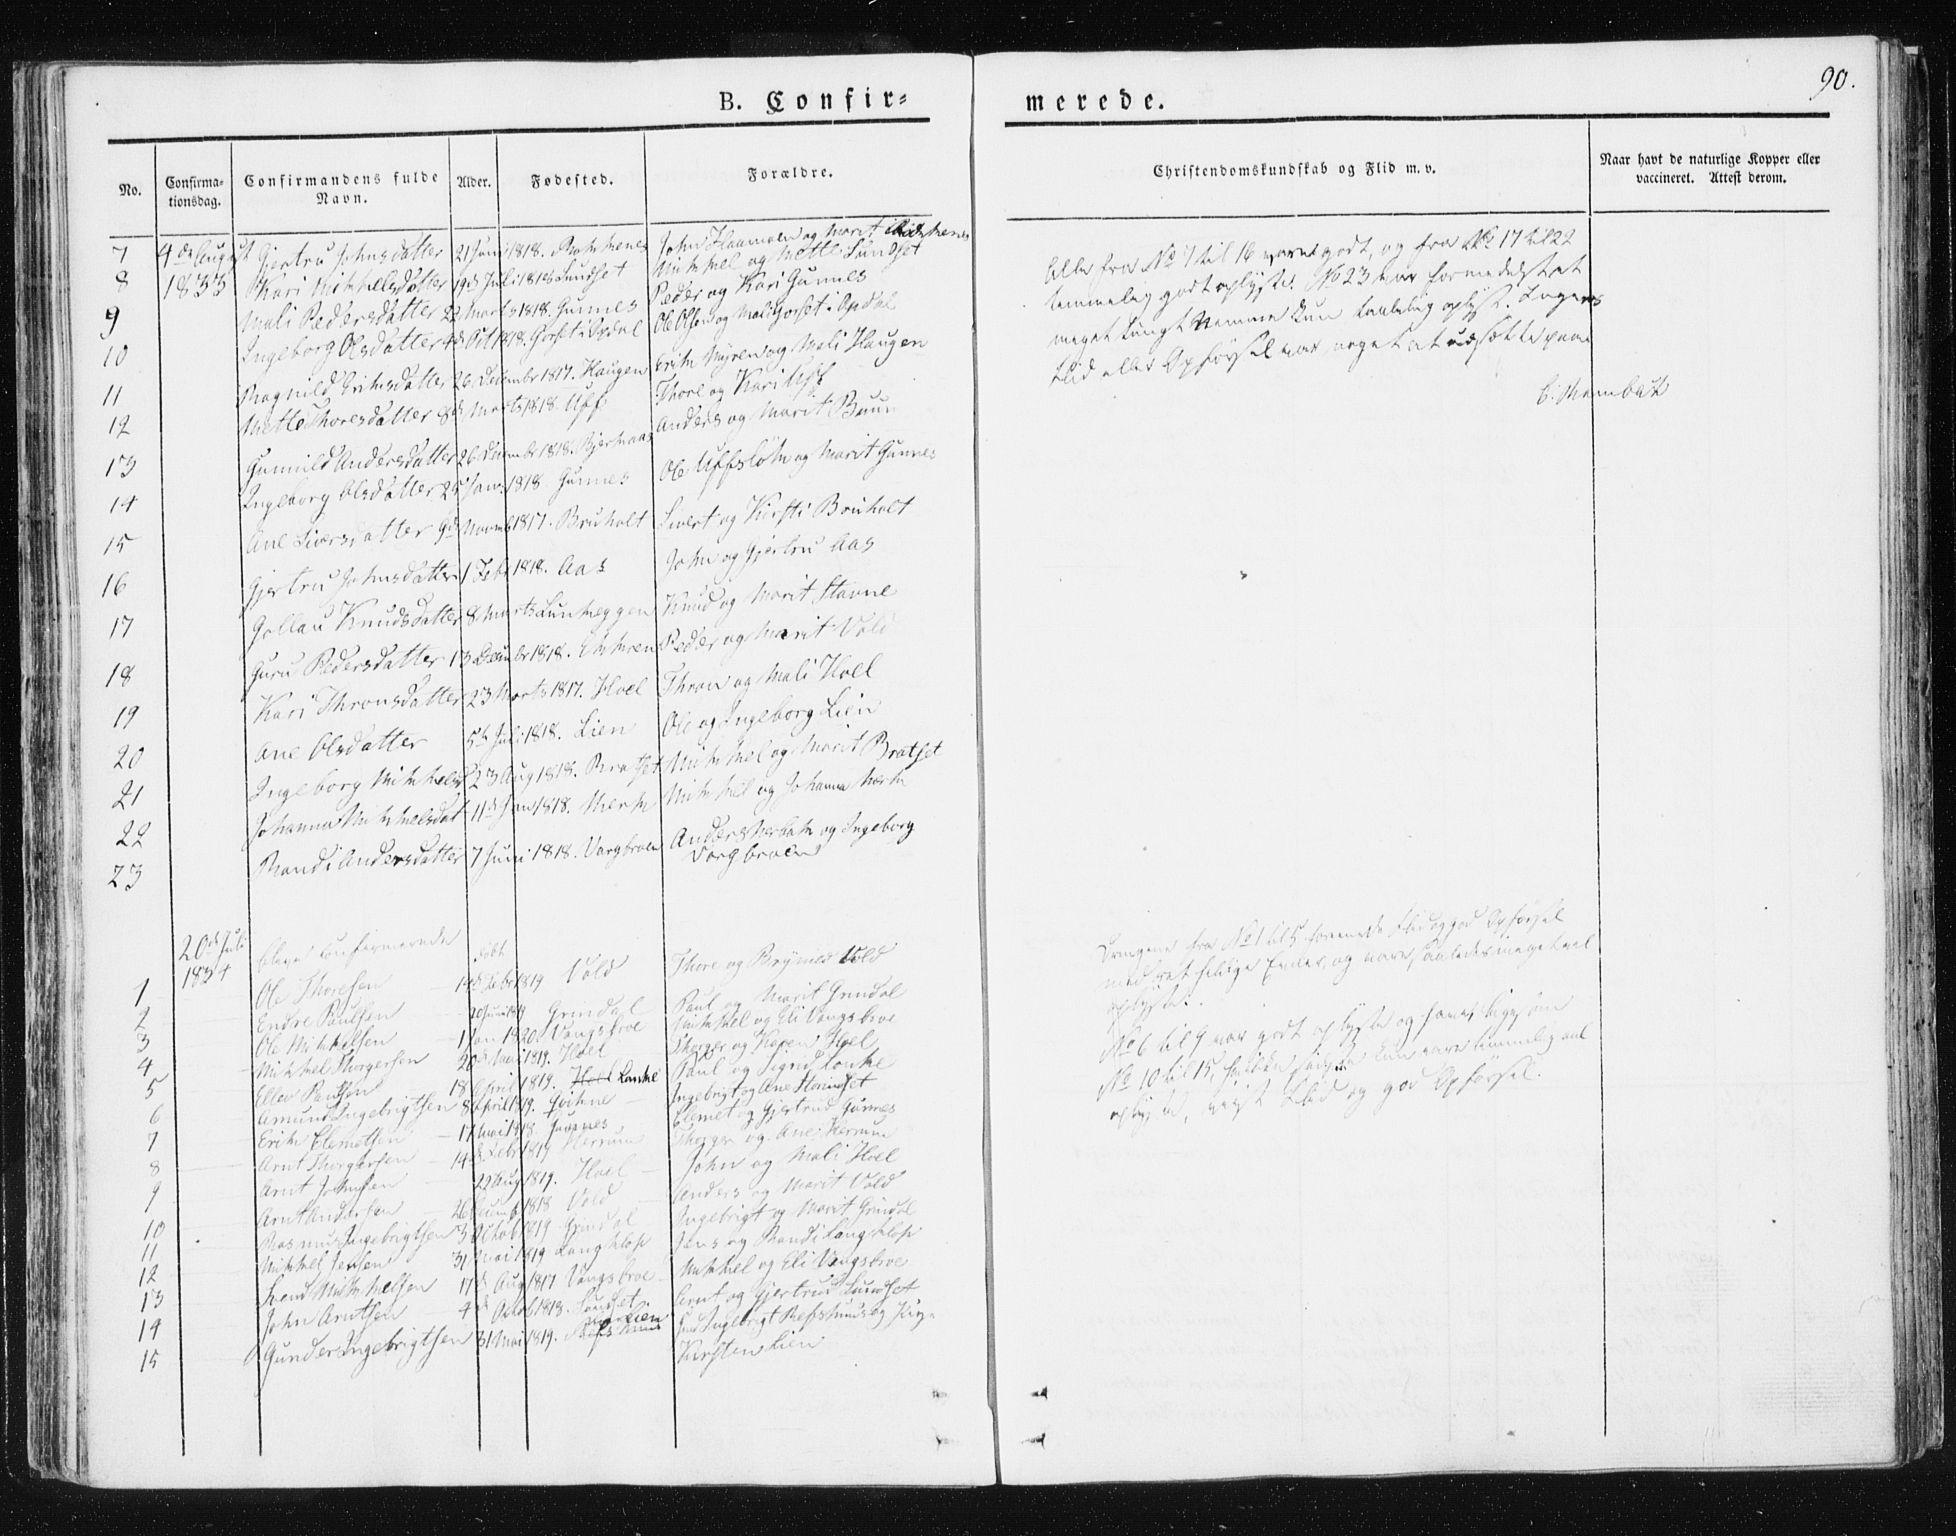 SAT, Ministerialprotokoller, klokkerbøker og fødselsregistre - Sør-Trøndelag, 674/L0869: Ministerialbok nr. 674A01, 1829-1860, s. 90